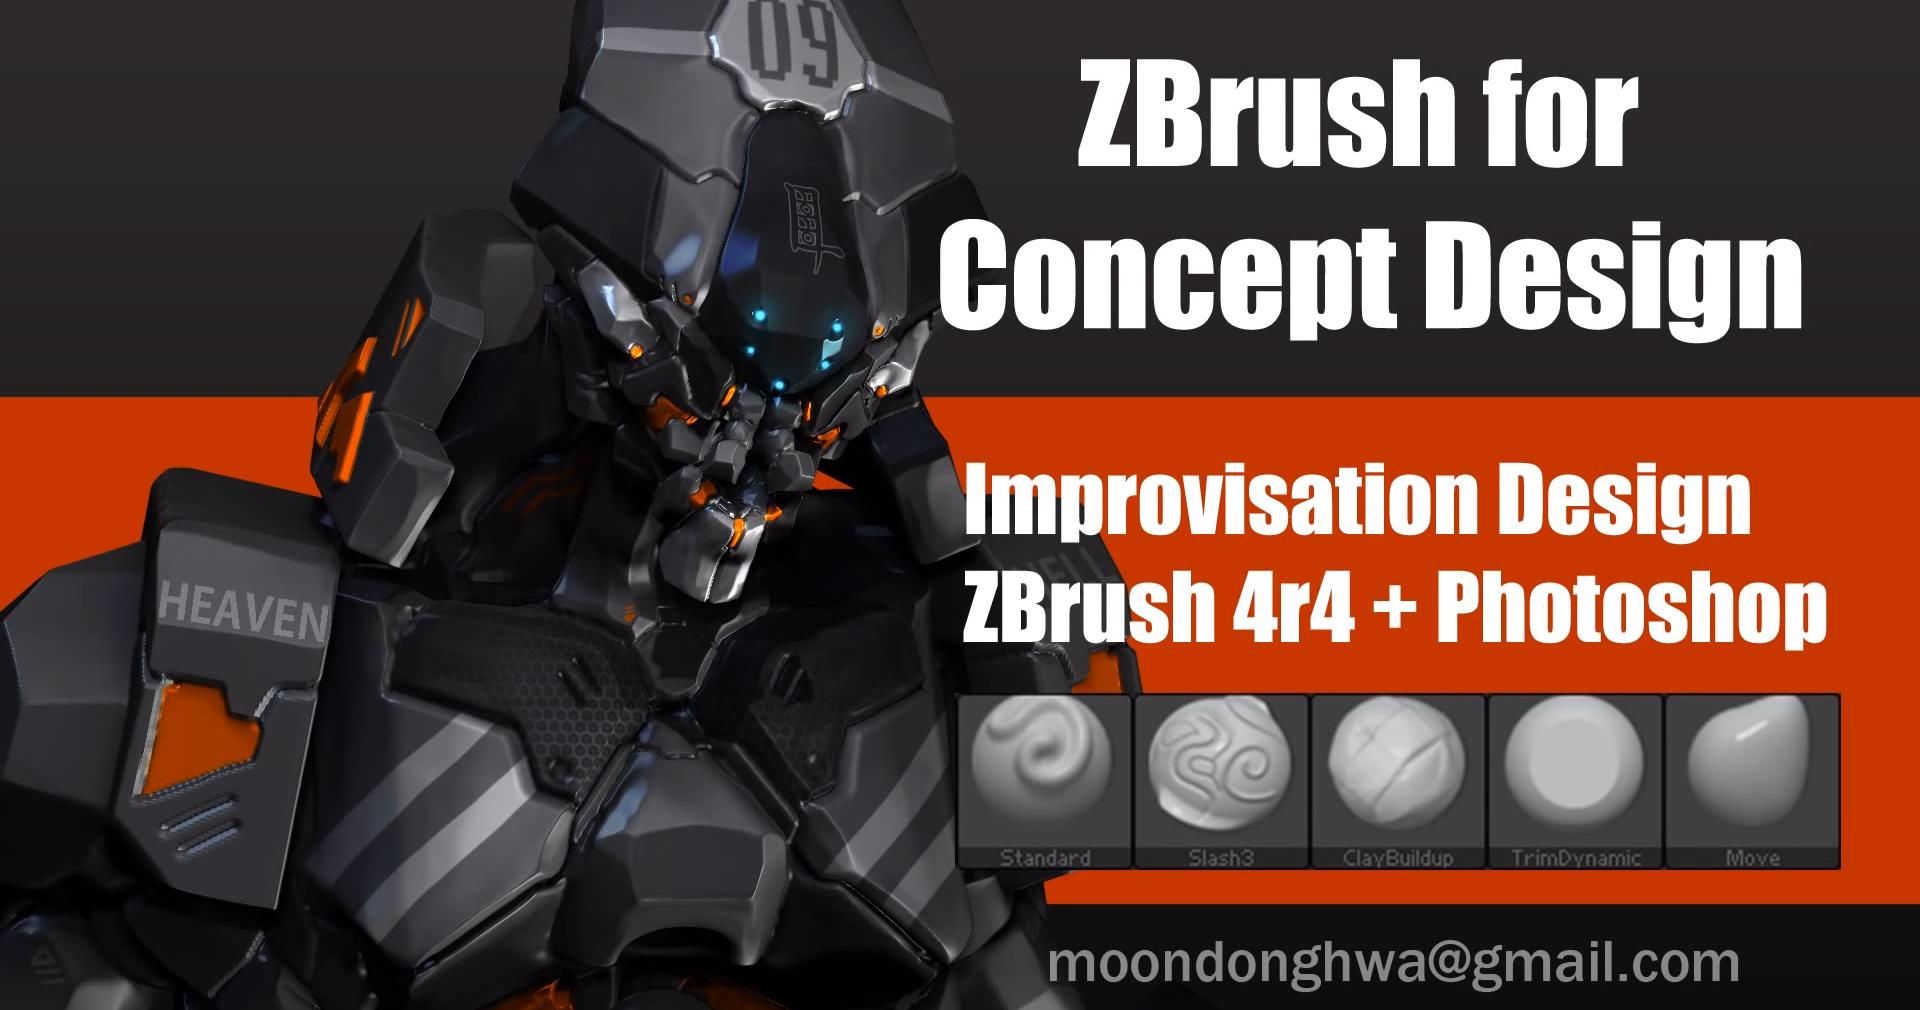 zbrush概念设计机械设计